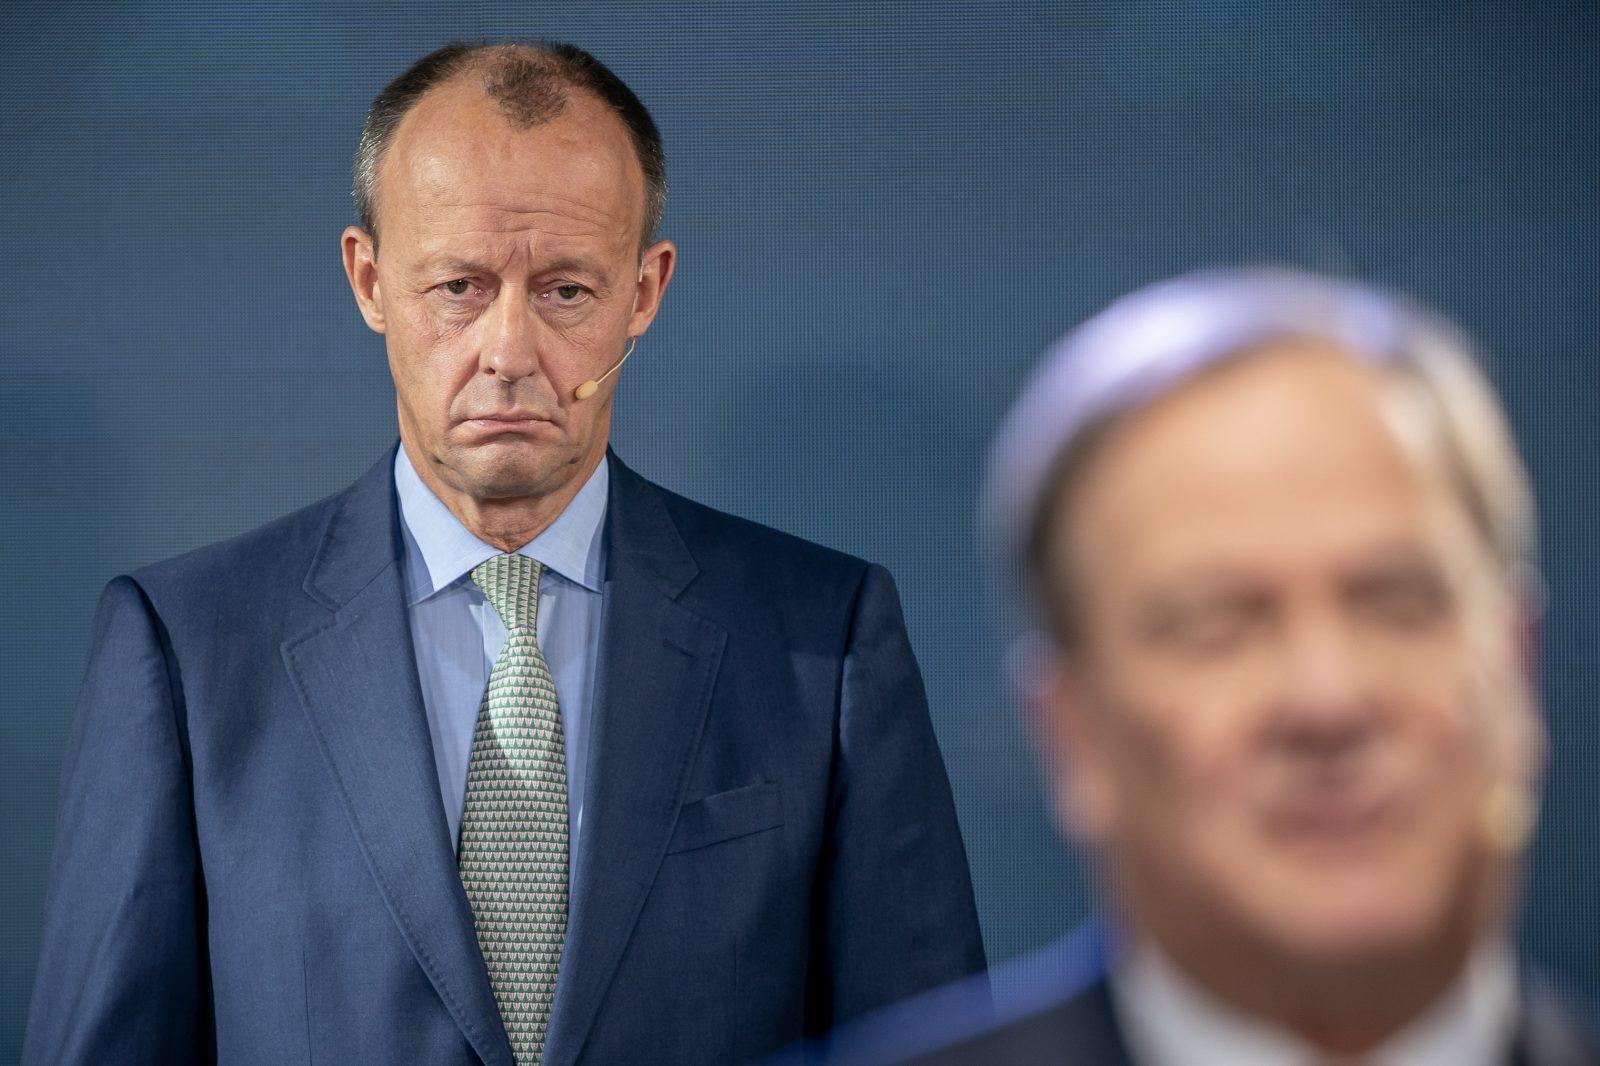 Der Kandidat für den CDU-Vorsitz, Friedrich Merz, fühlt sich von der Parteiführung benachteiligt Foto: picture alliance/Michael Kappeler/dpa-pool/dpa